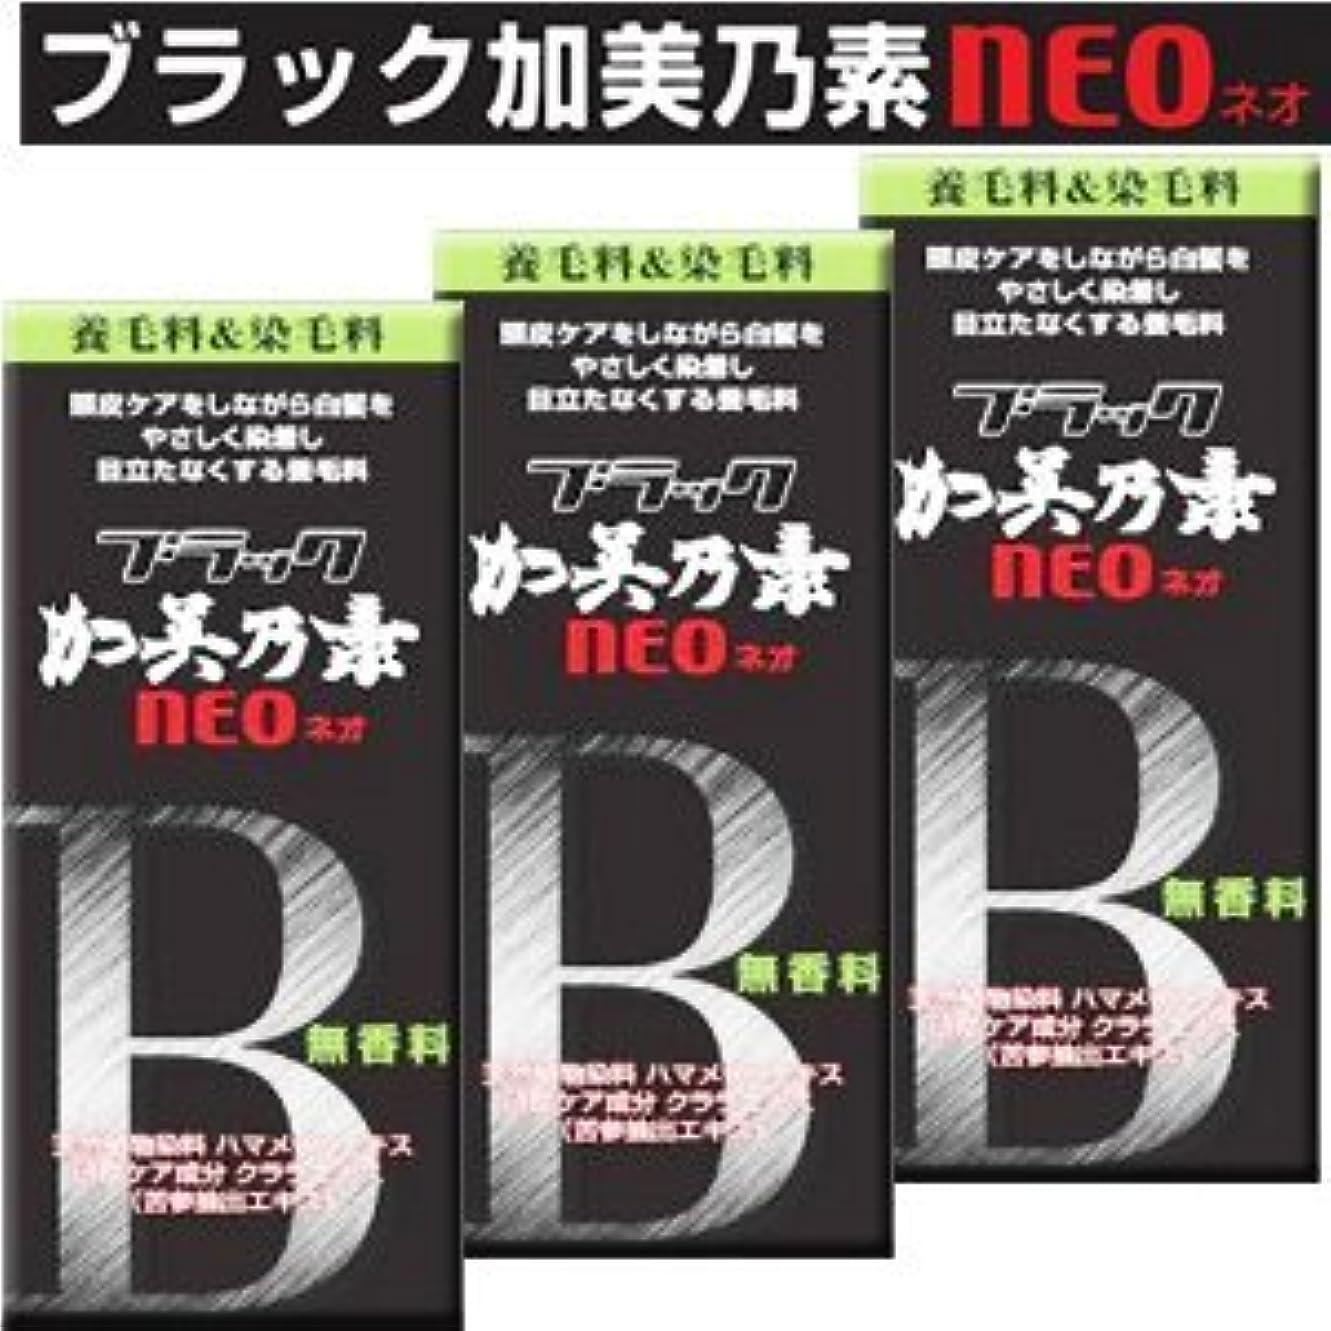 経験言及するシャワー【3個】 ブラック加美乃素NEO 無香料 150mlx3個 (4987046370105)